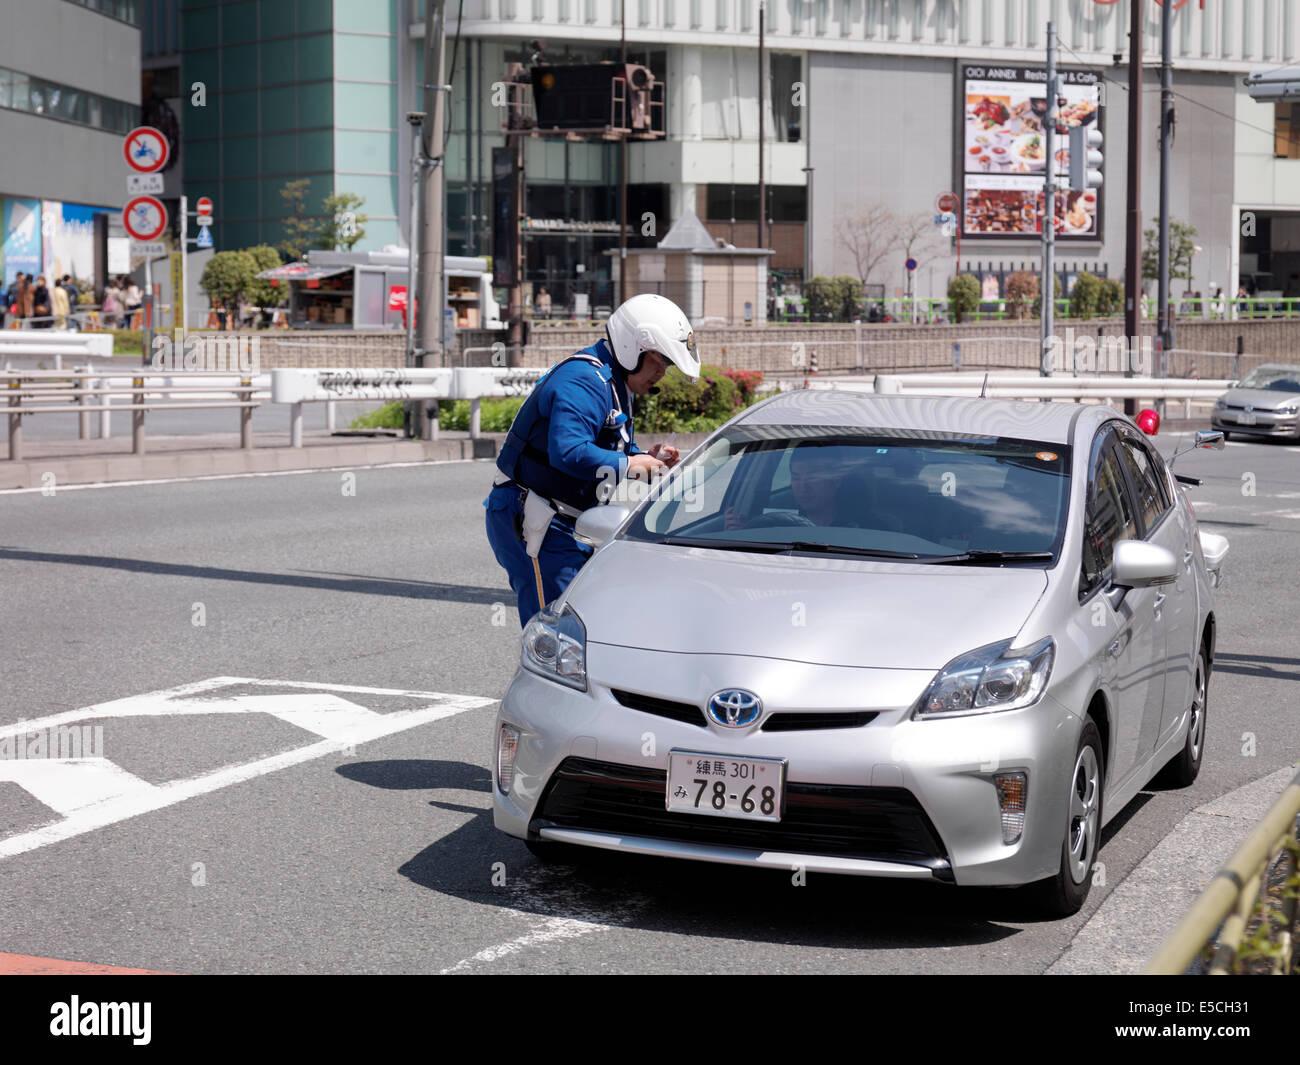 Oficial de policía comprobando la licencia de conducir de un conductor en un coche parado. Tokio, Japón. Imagen De Stock